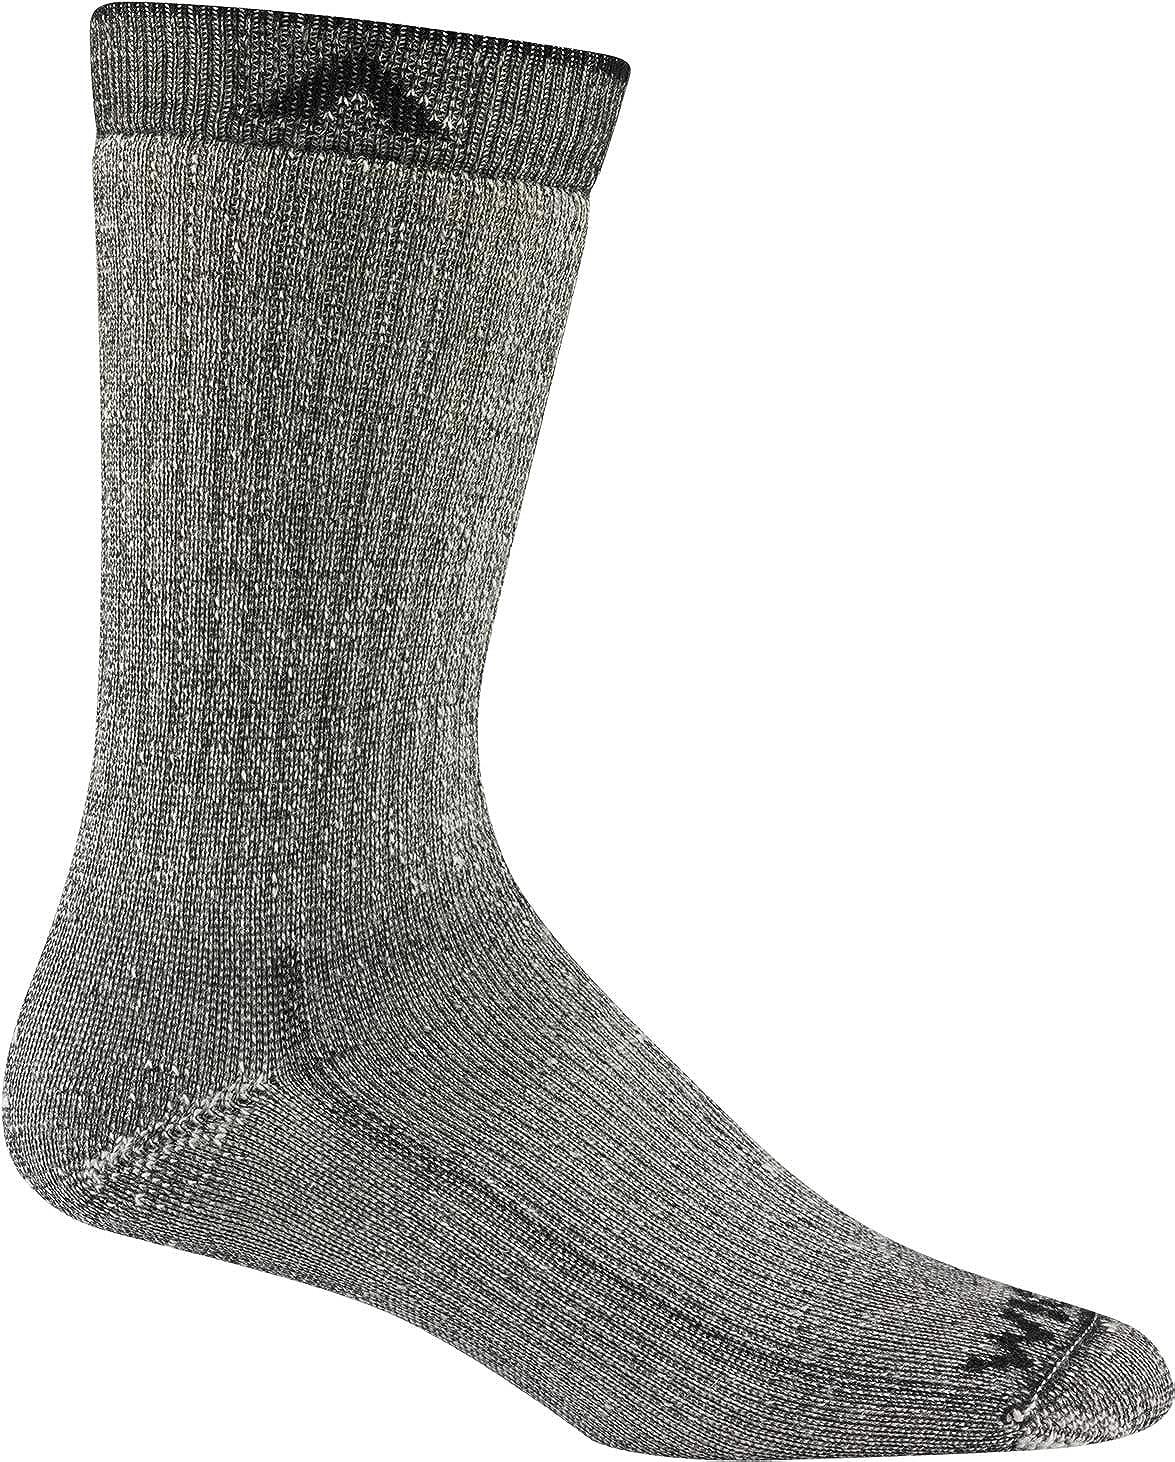 F2322 Wigwam Damen Socken Merino Comfort Hiker